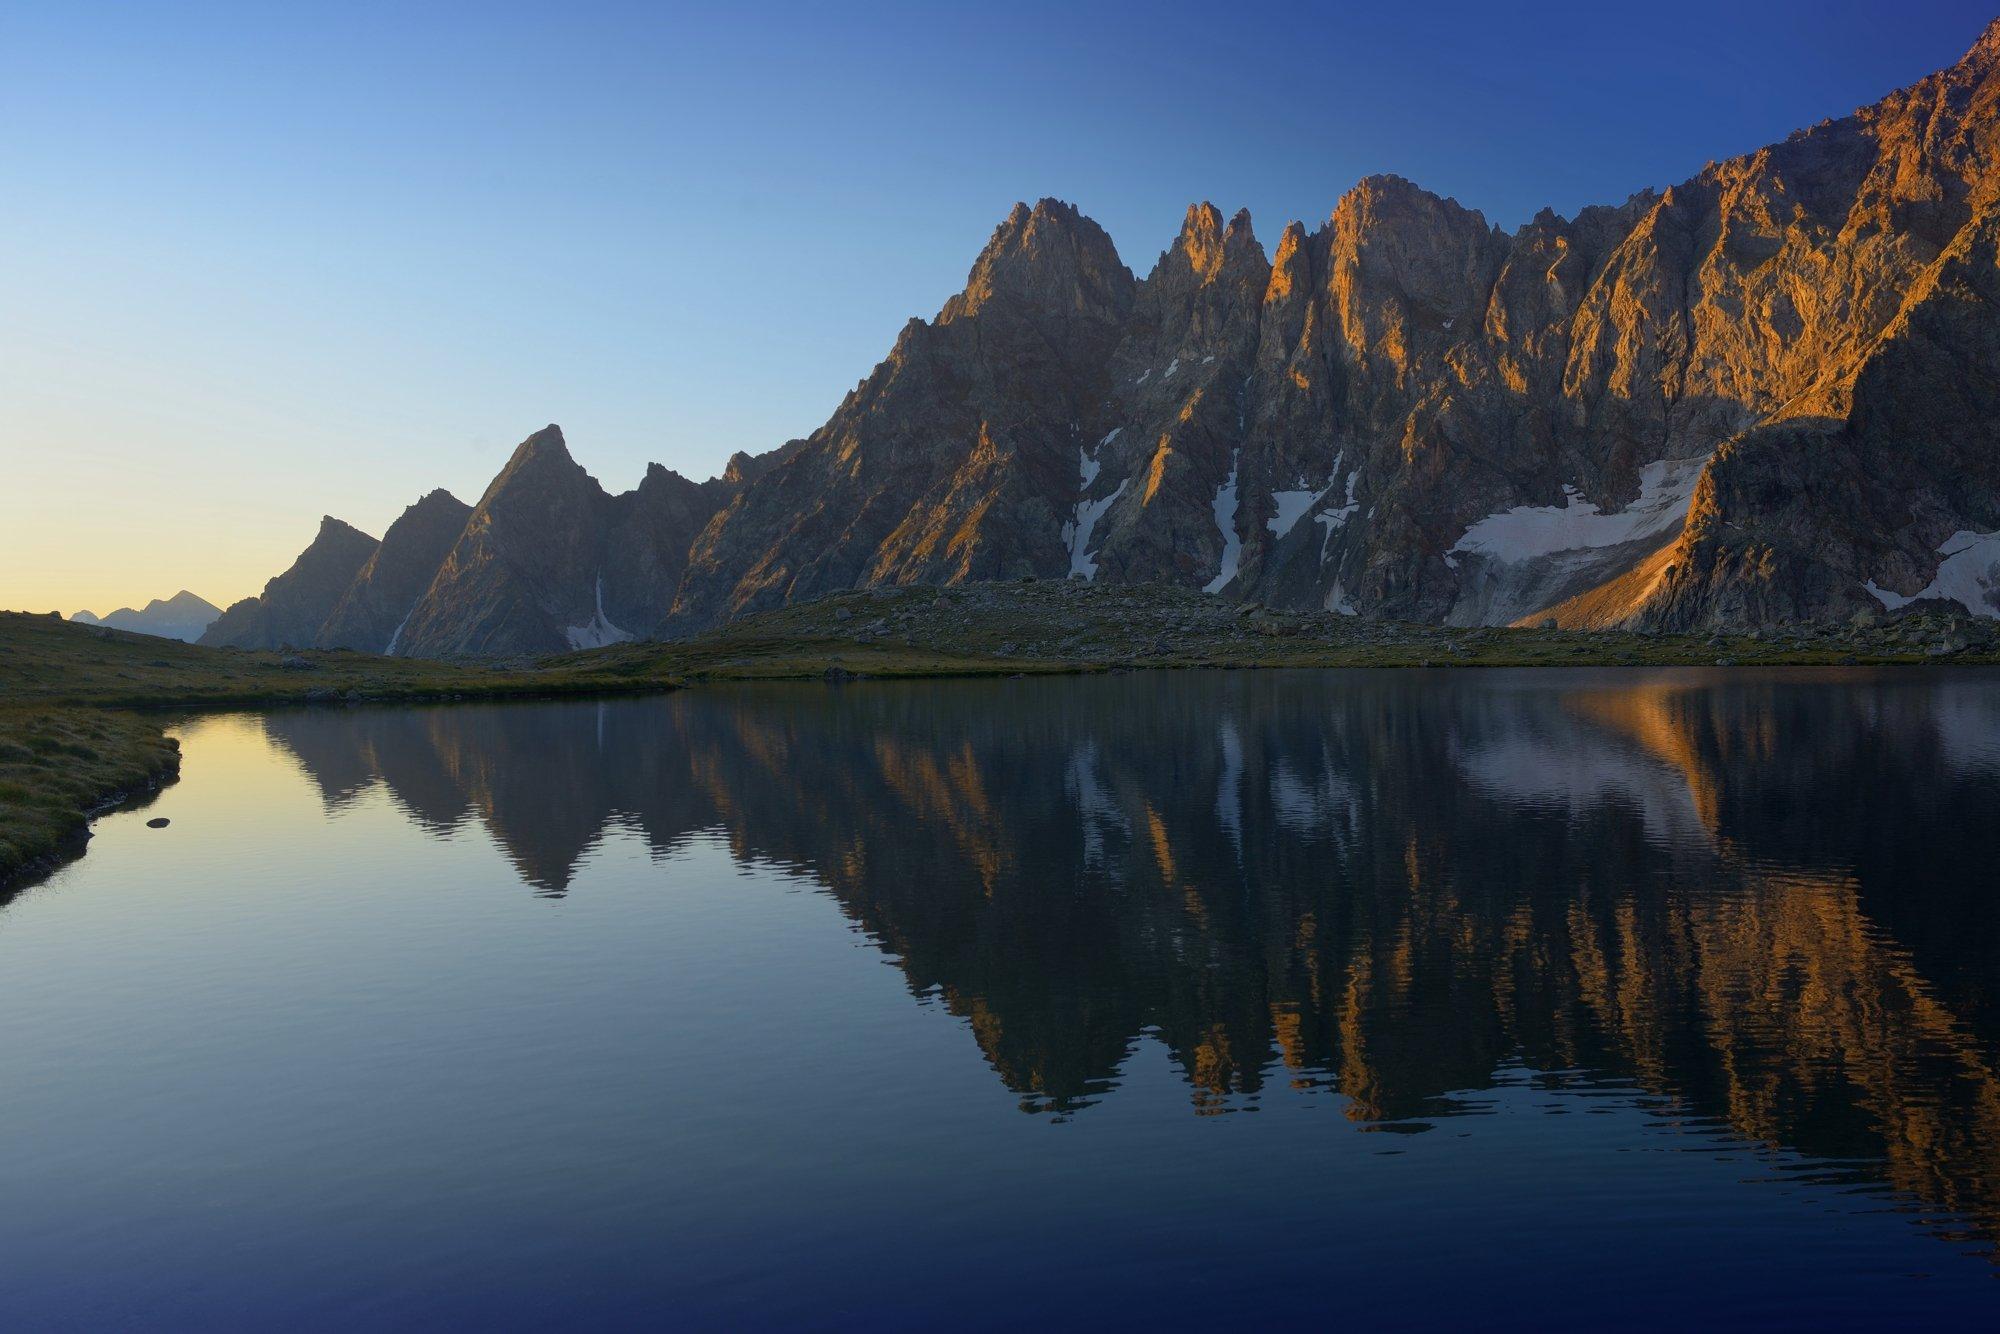 горы озеро рассвет кавказ хаджибей, Александр Жарников